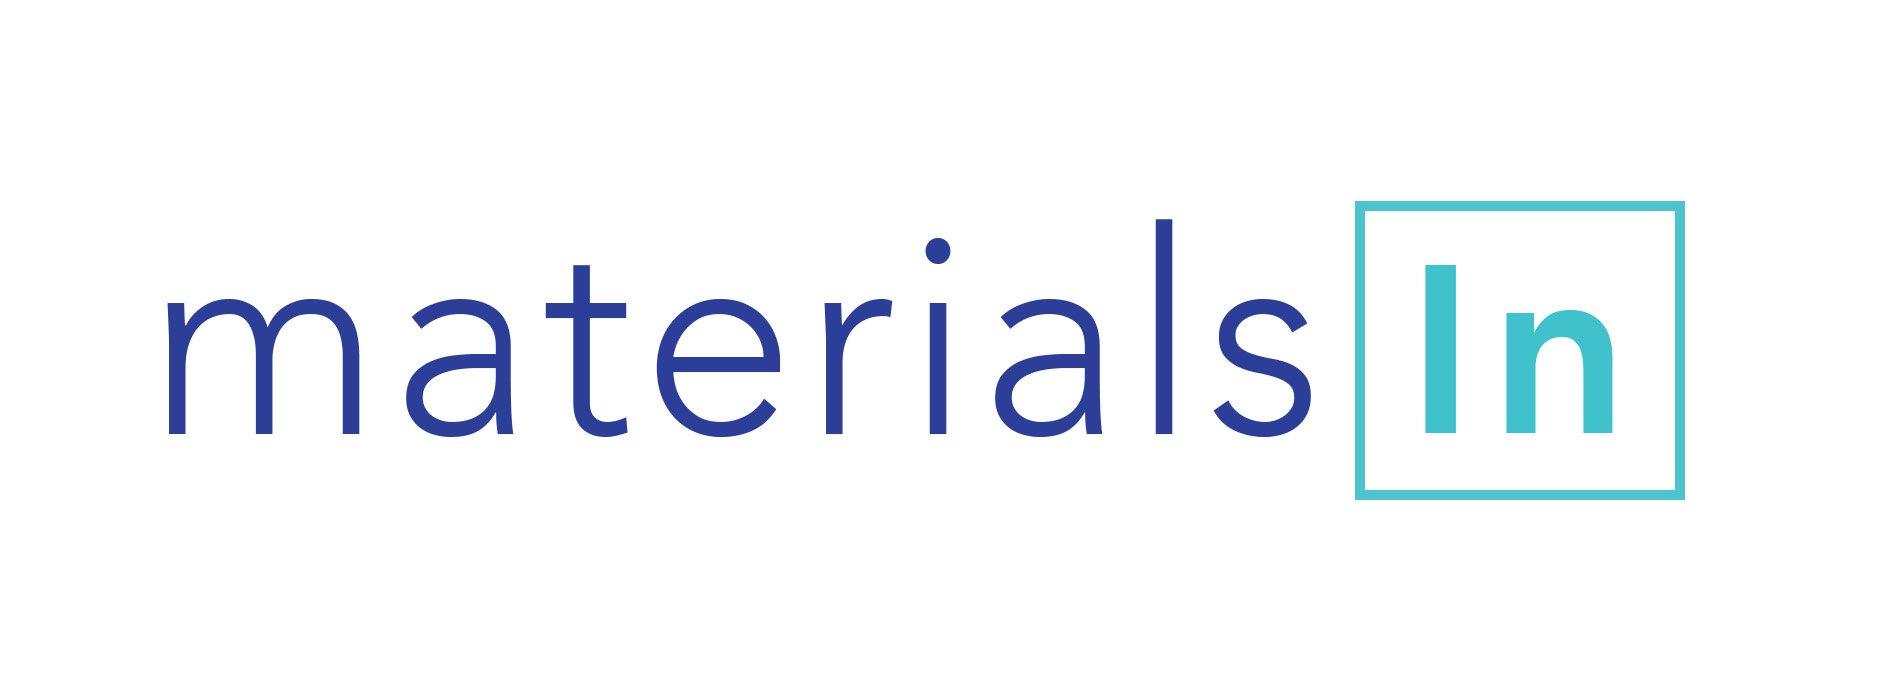 materialsIn